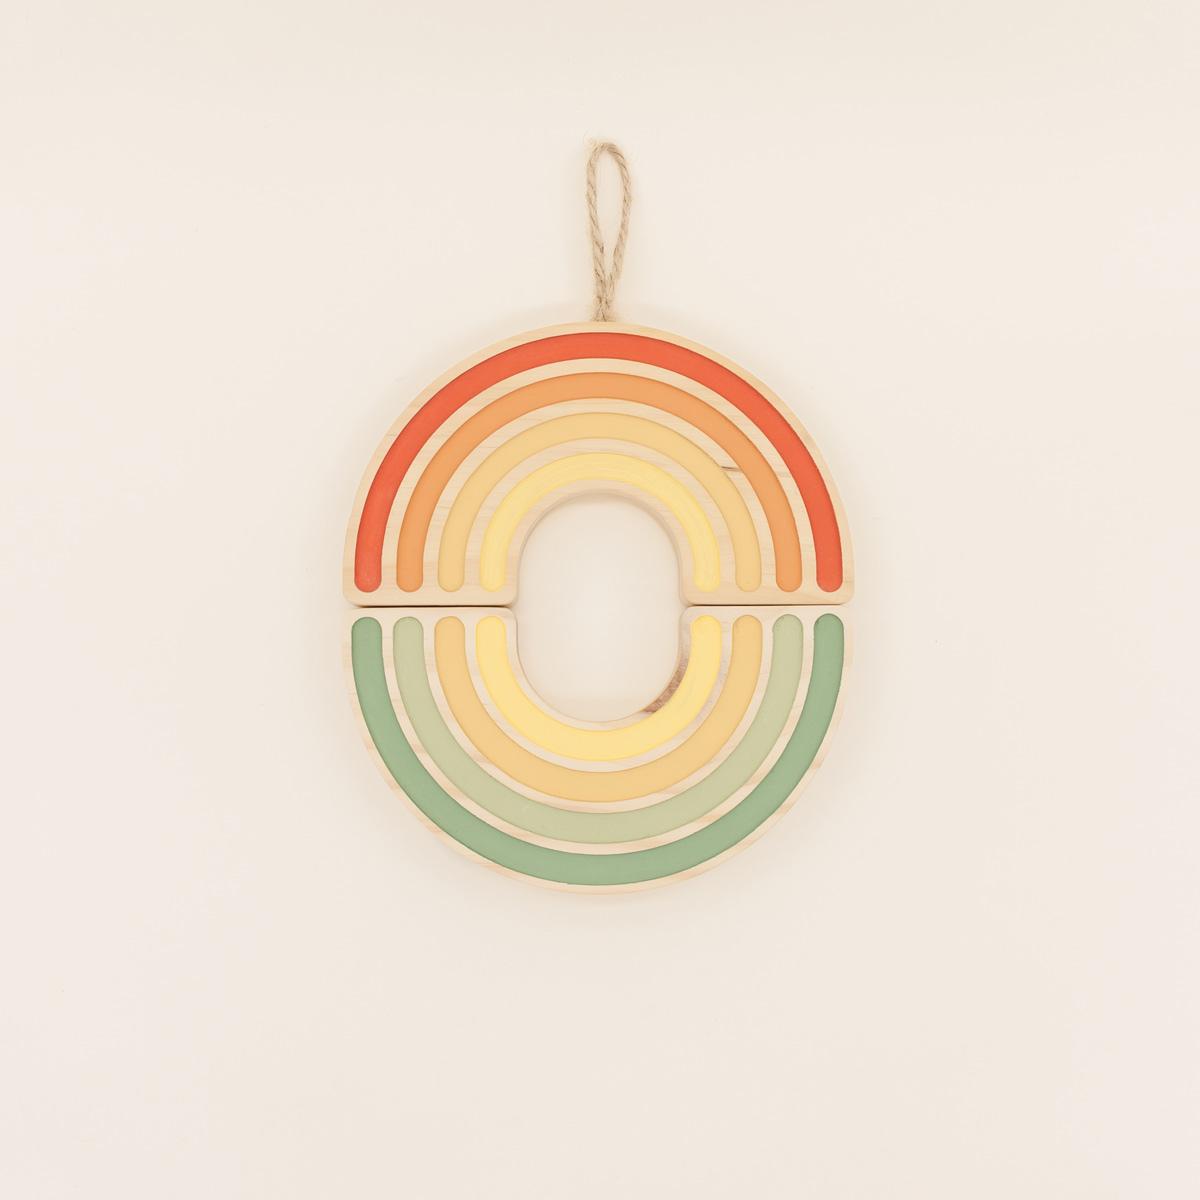 Arcoíris Decorativo Rainbow The Little Revolution Canastilla Rainbow The Little Revolution Gradient